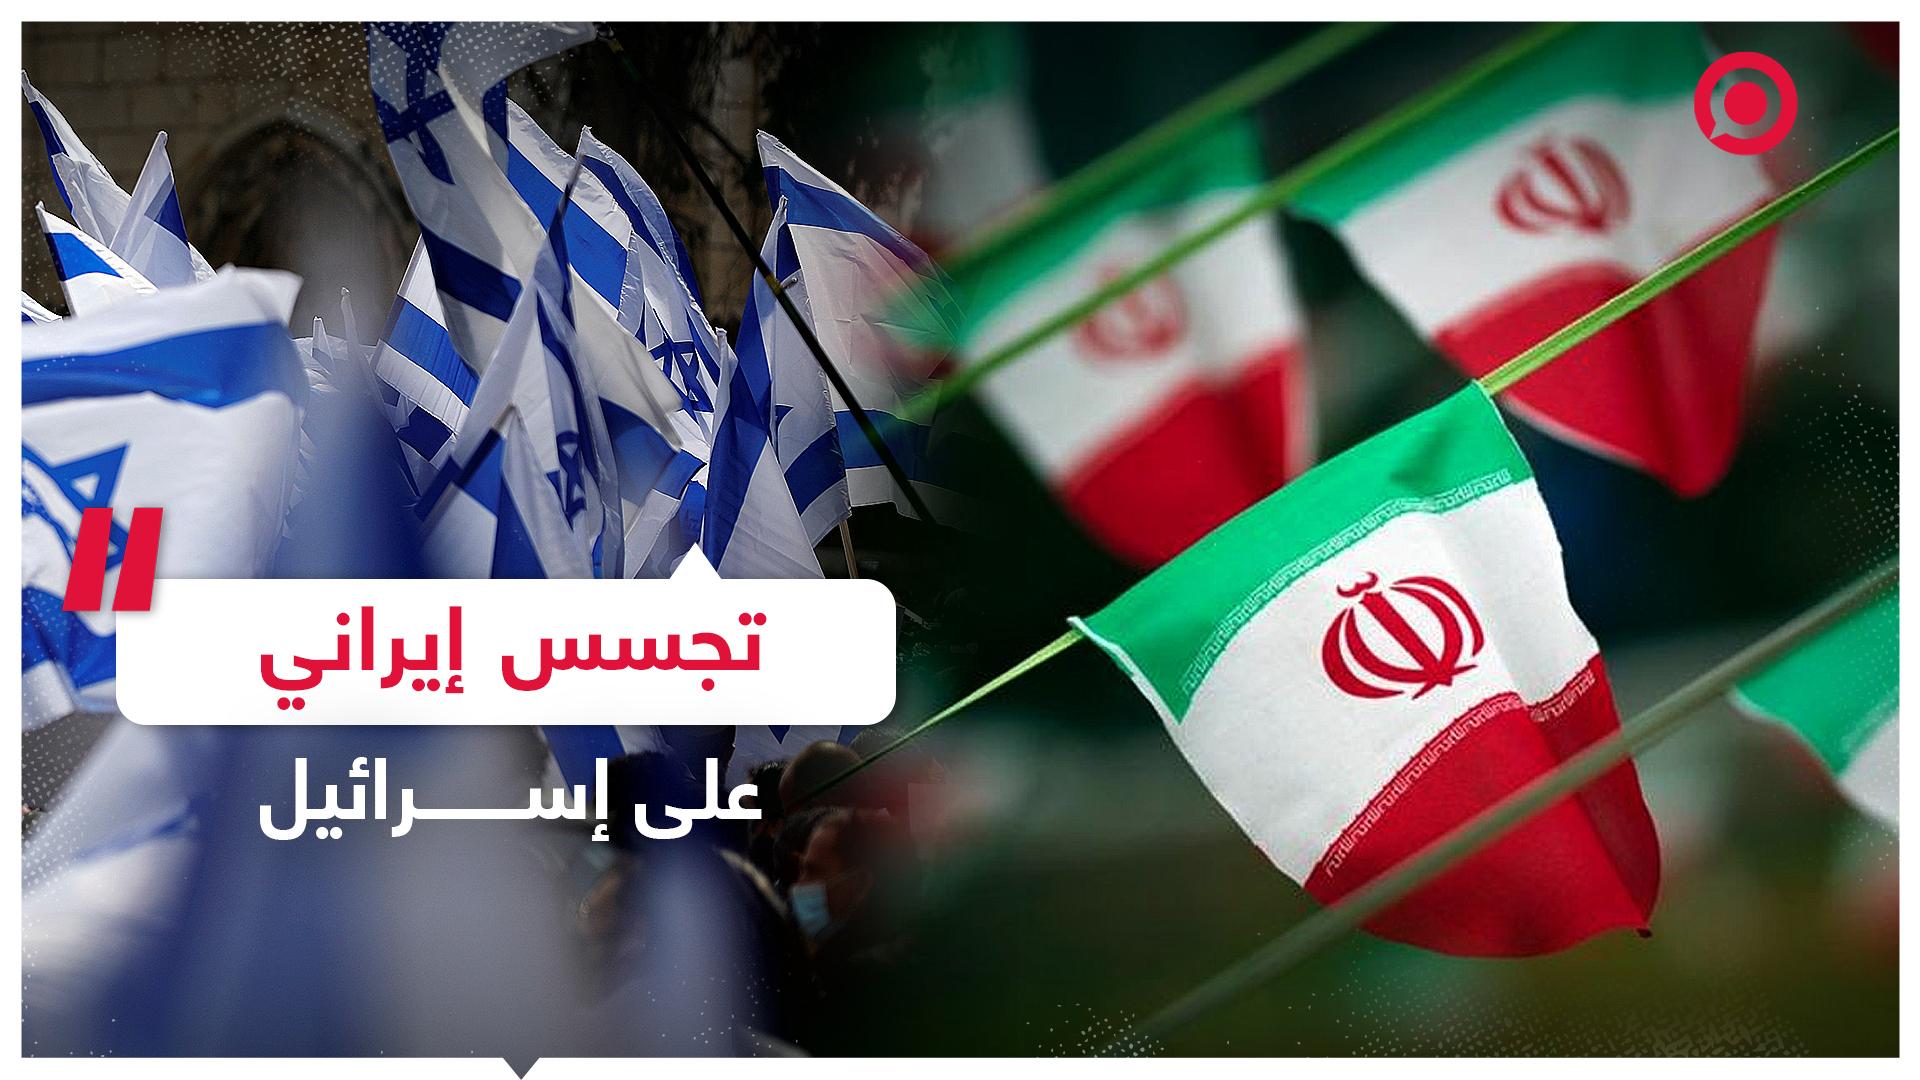 قناة إسرائيلية تكشف عن